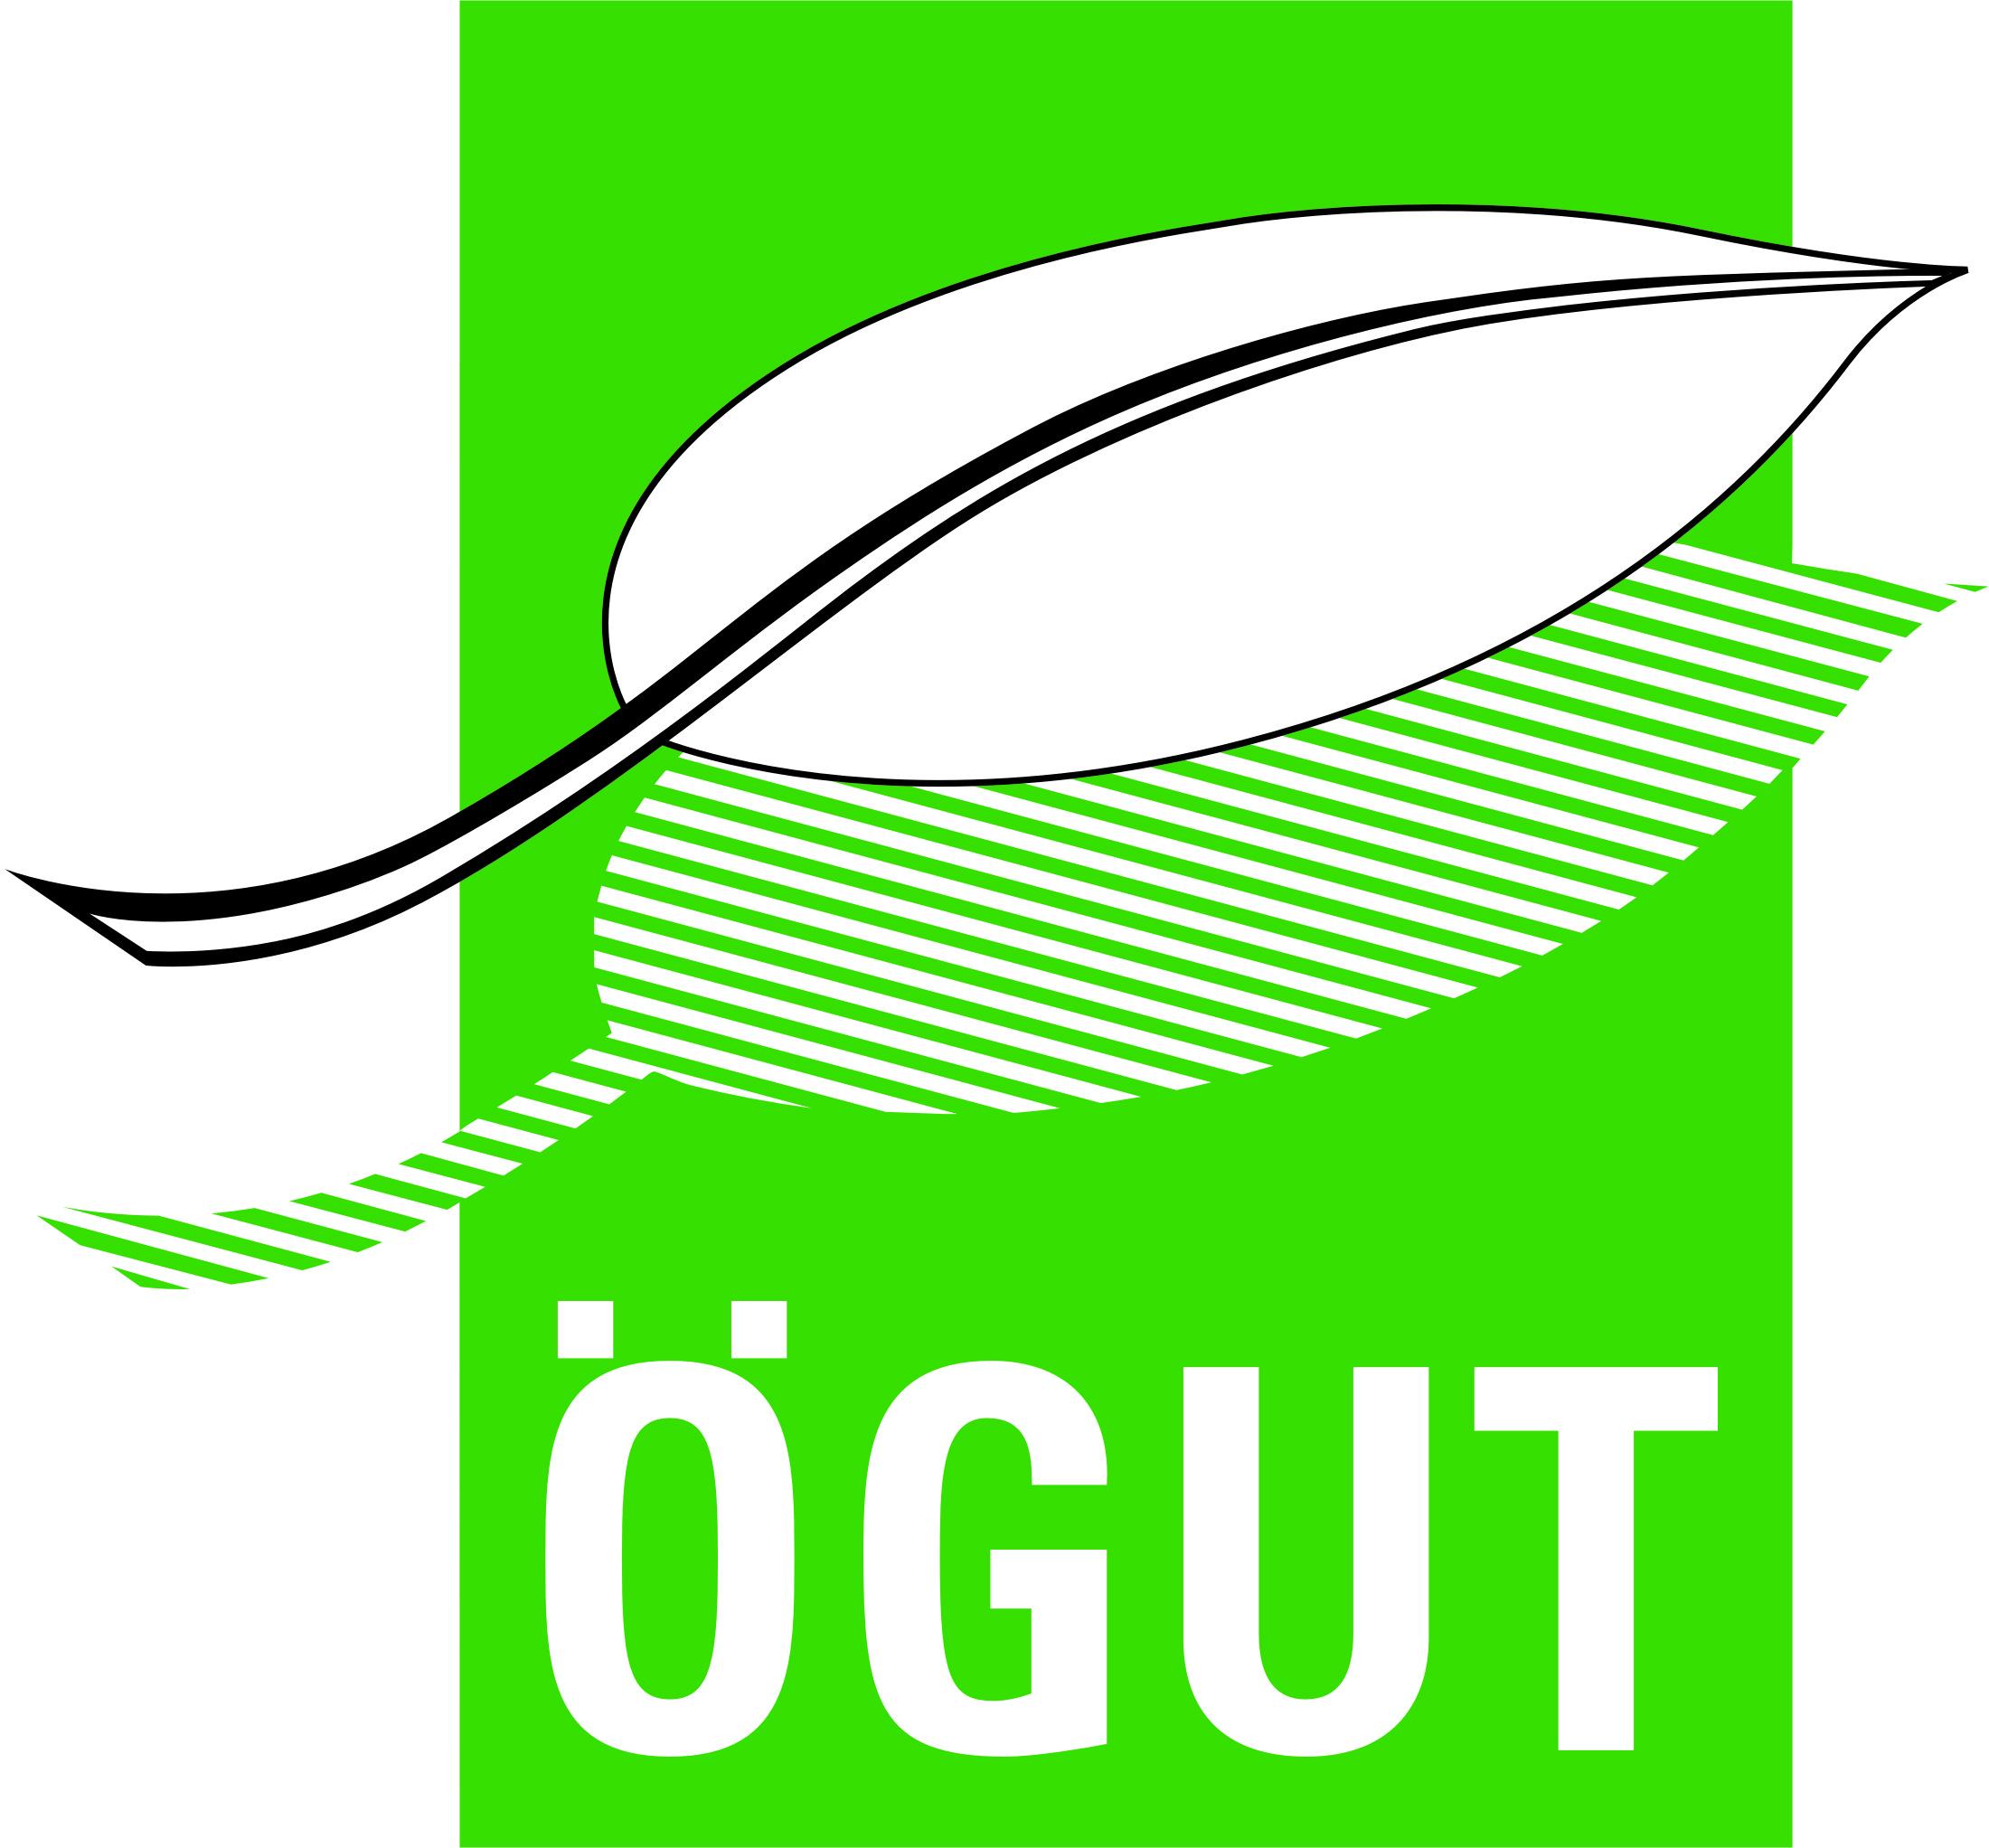 ÖGUT - Österreichische Gesellschaft für Umwelt und Technik